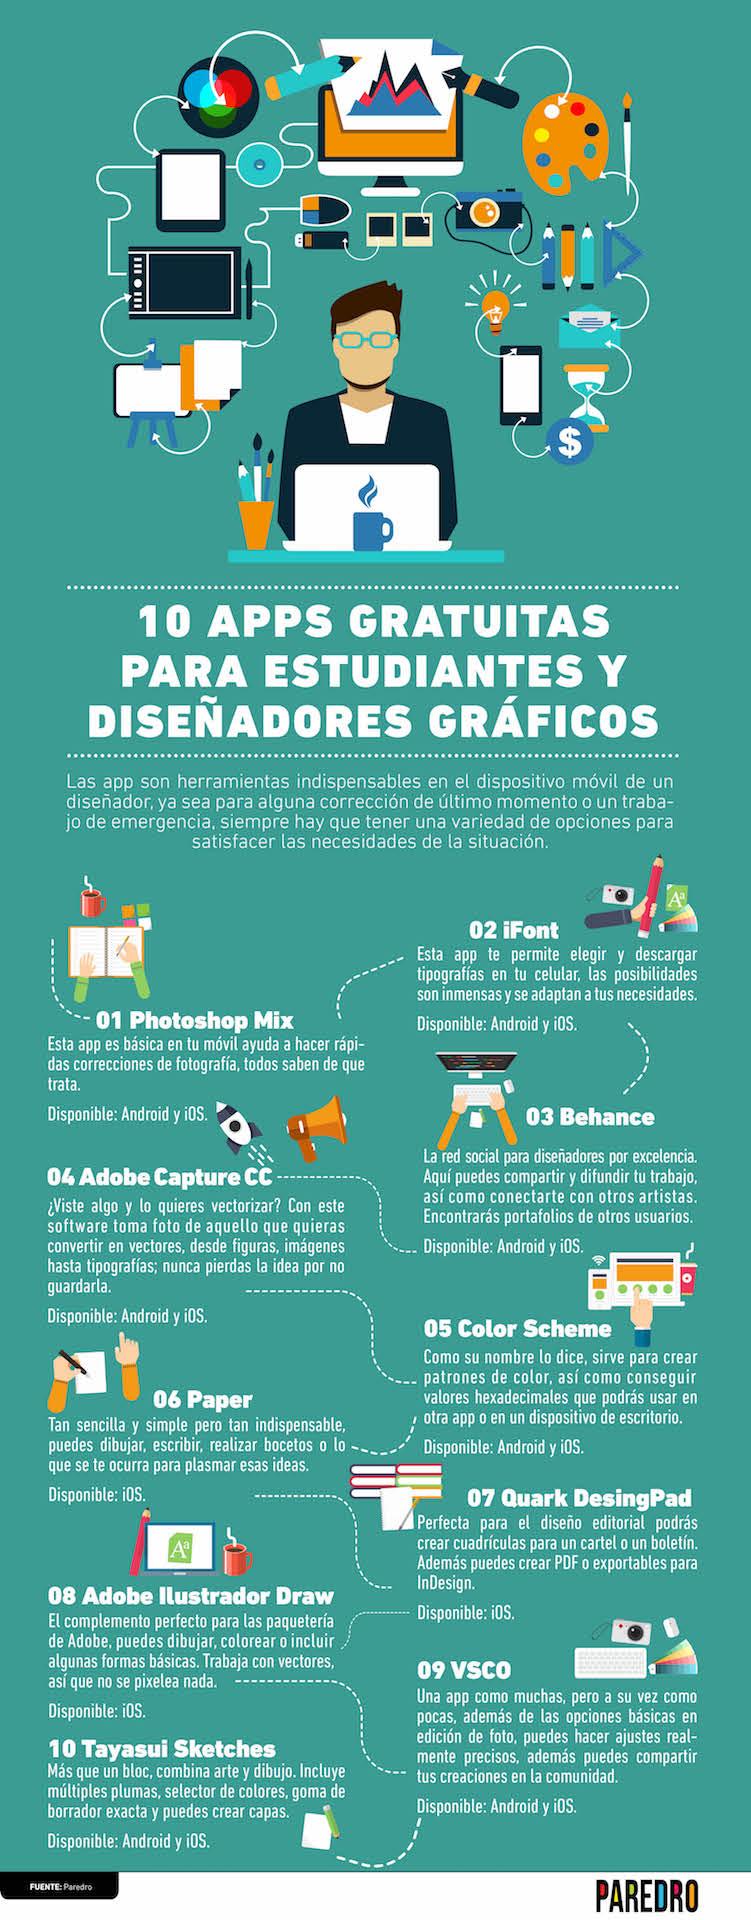 10 APPs para estudiantes y diseñadores gráficos